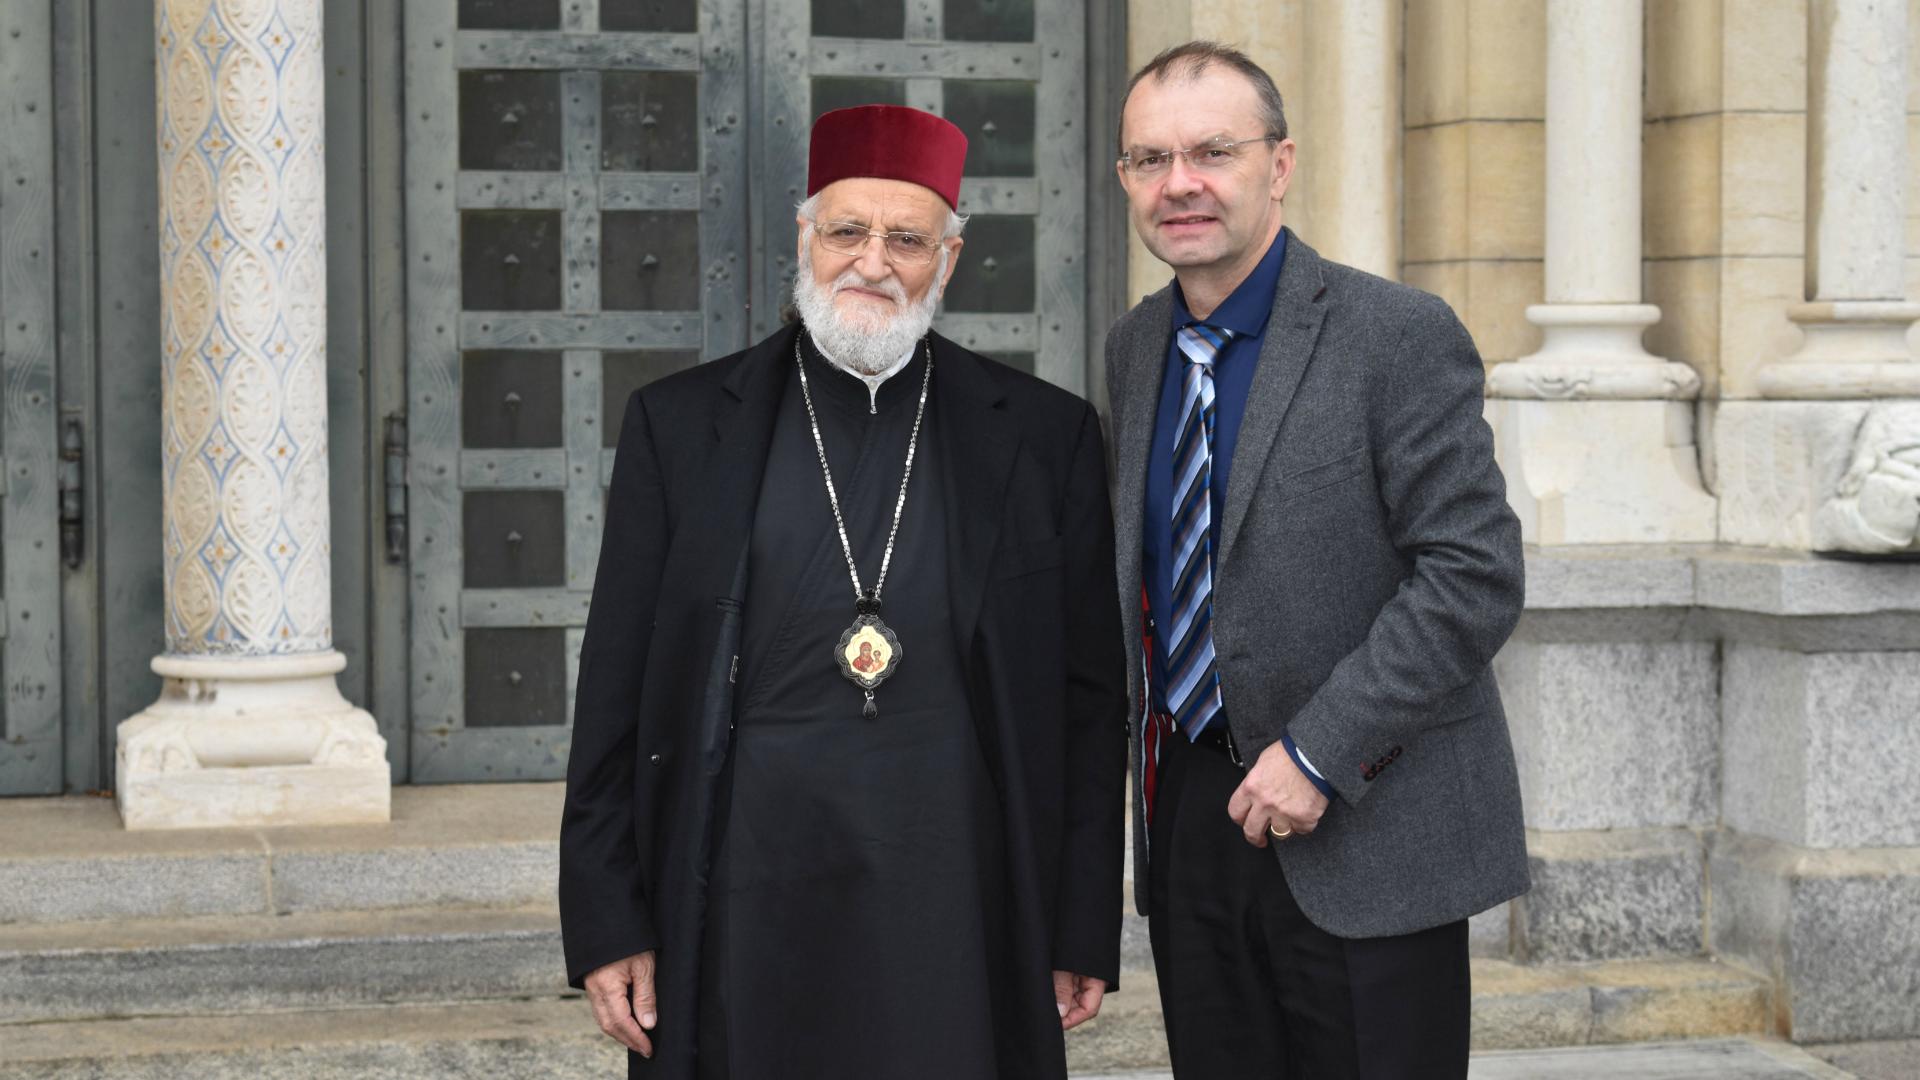 Le patriarche Grégoire III Laham, chef de l'Eglise grecque-melkite catholique, avec Jan Probst, directeur national de l'Aide à l'Eglise en Détresse (Photo: Jacques Berset)